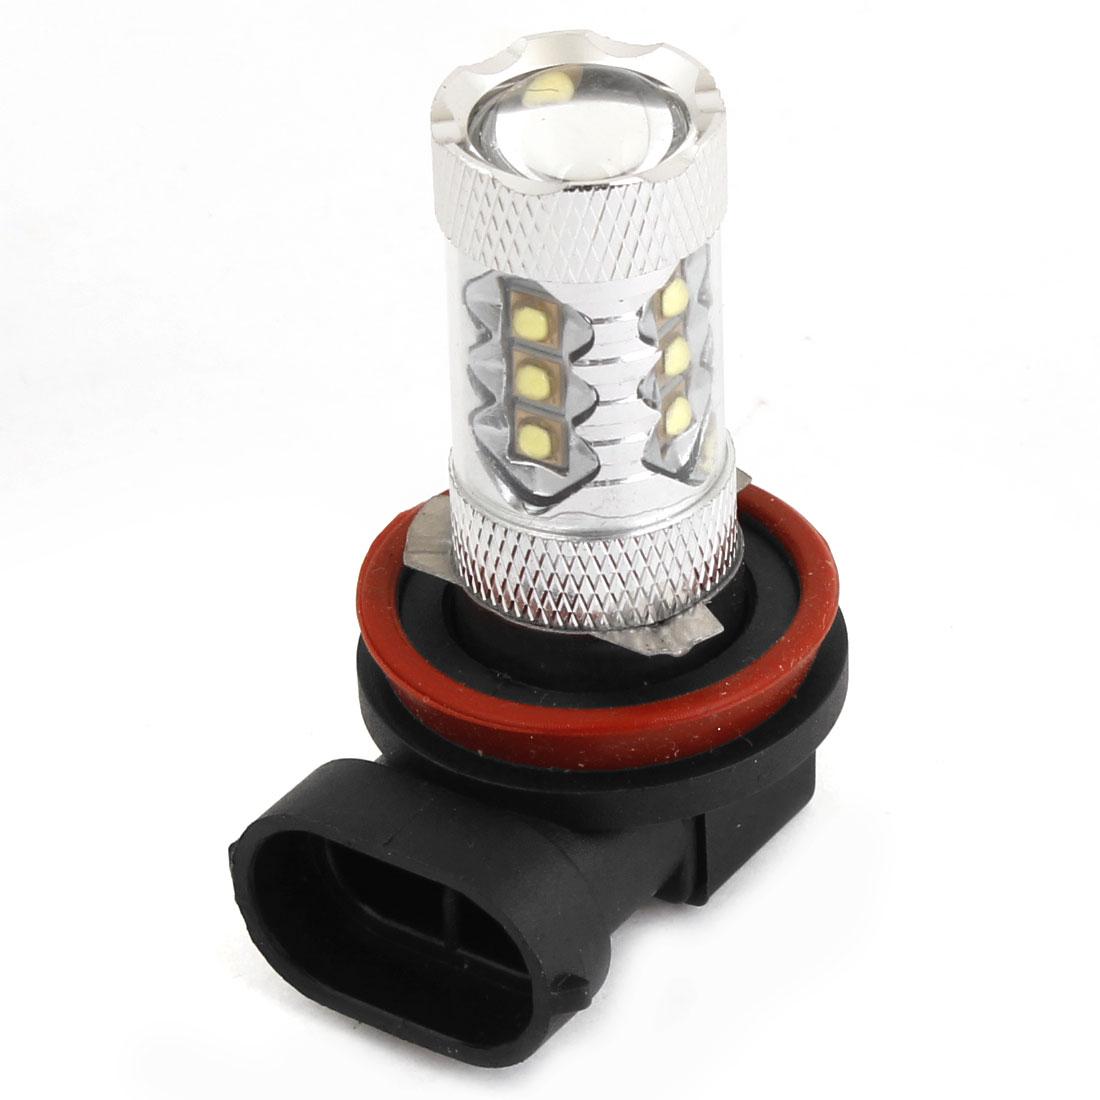 80W H8 16 LED Fog Light 12V Car DRL Light Lamp Driving Bulb White